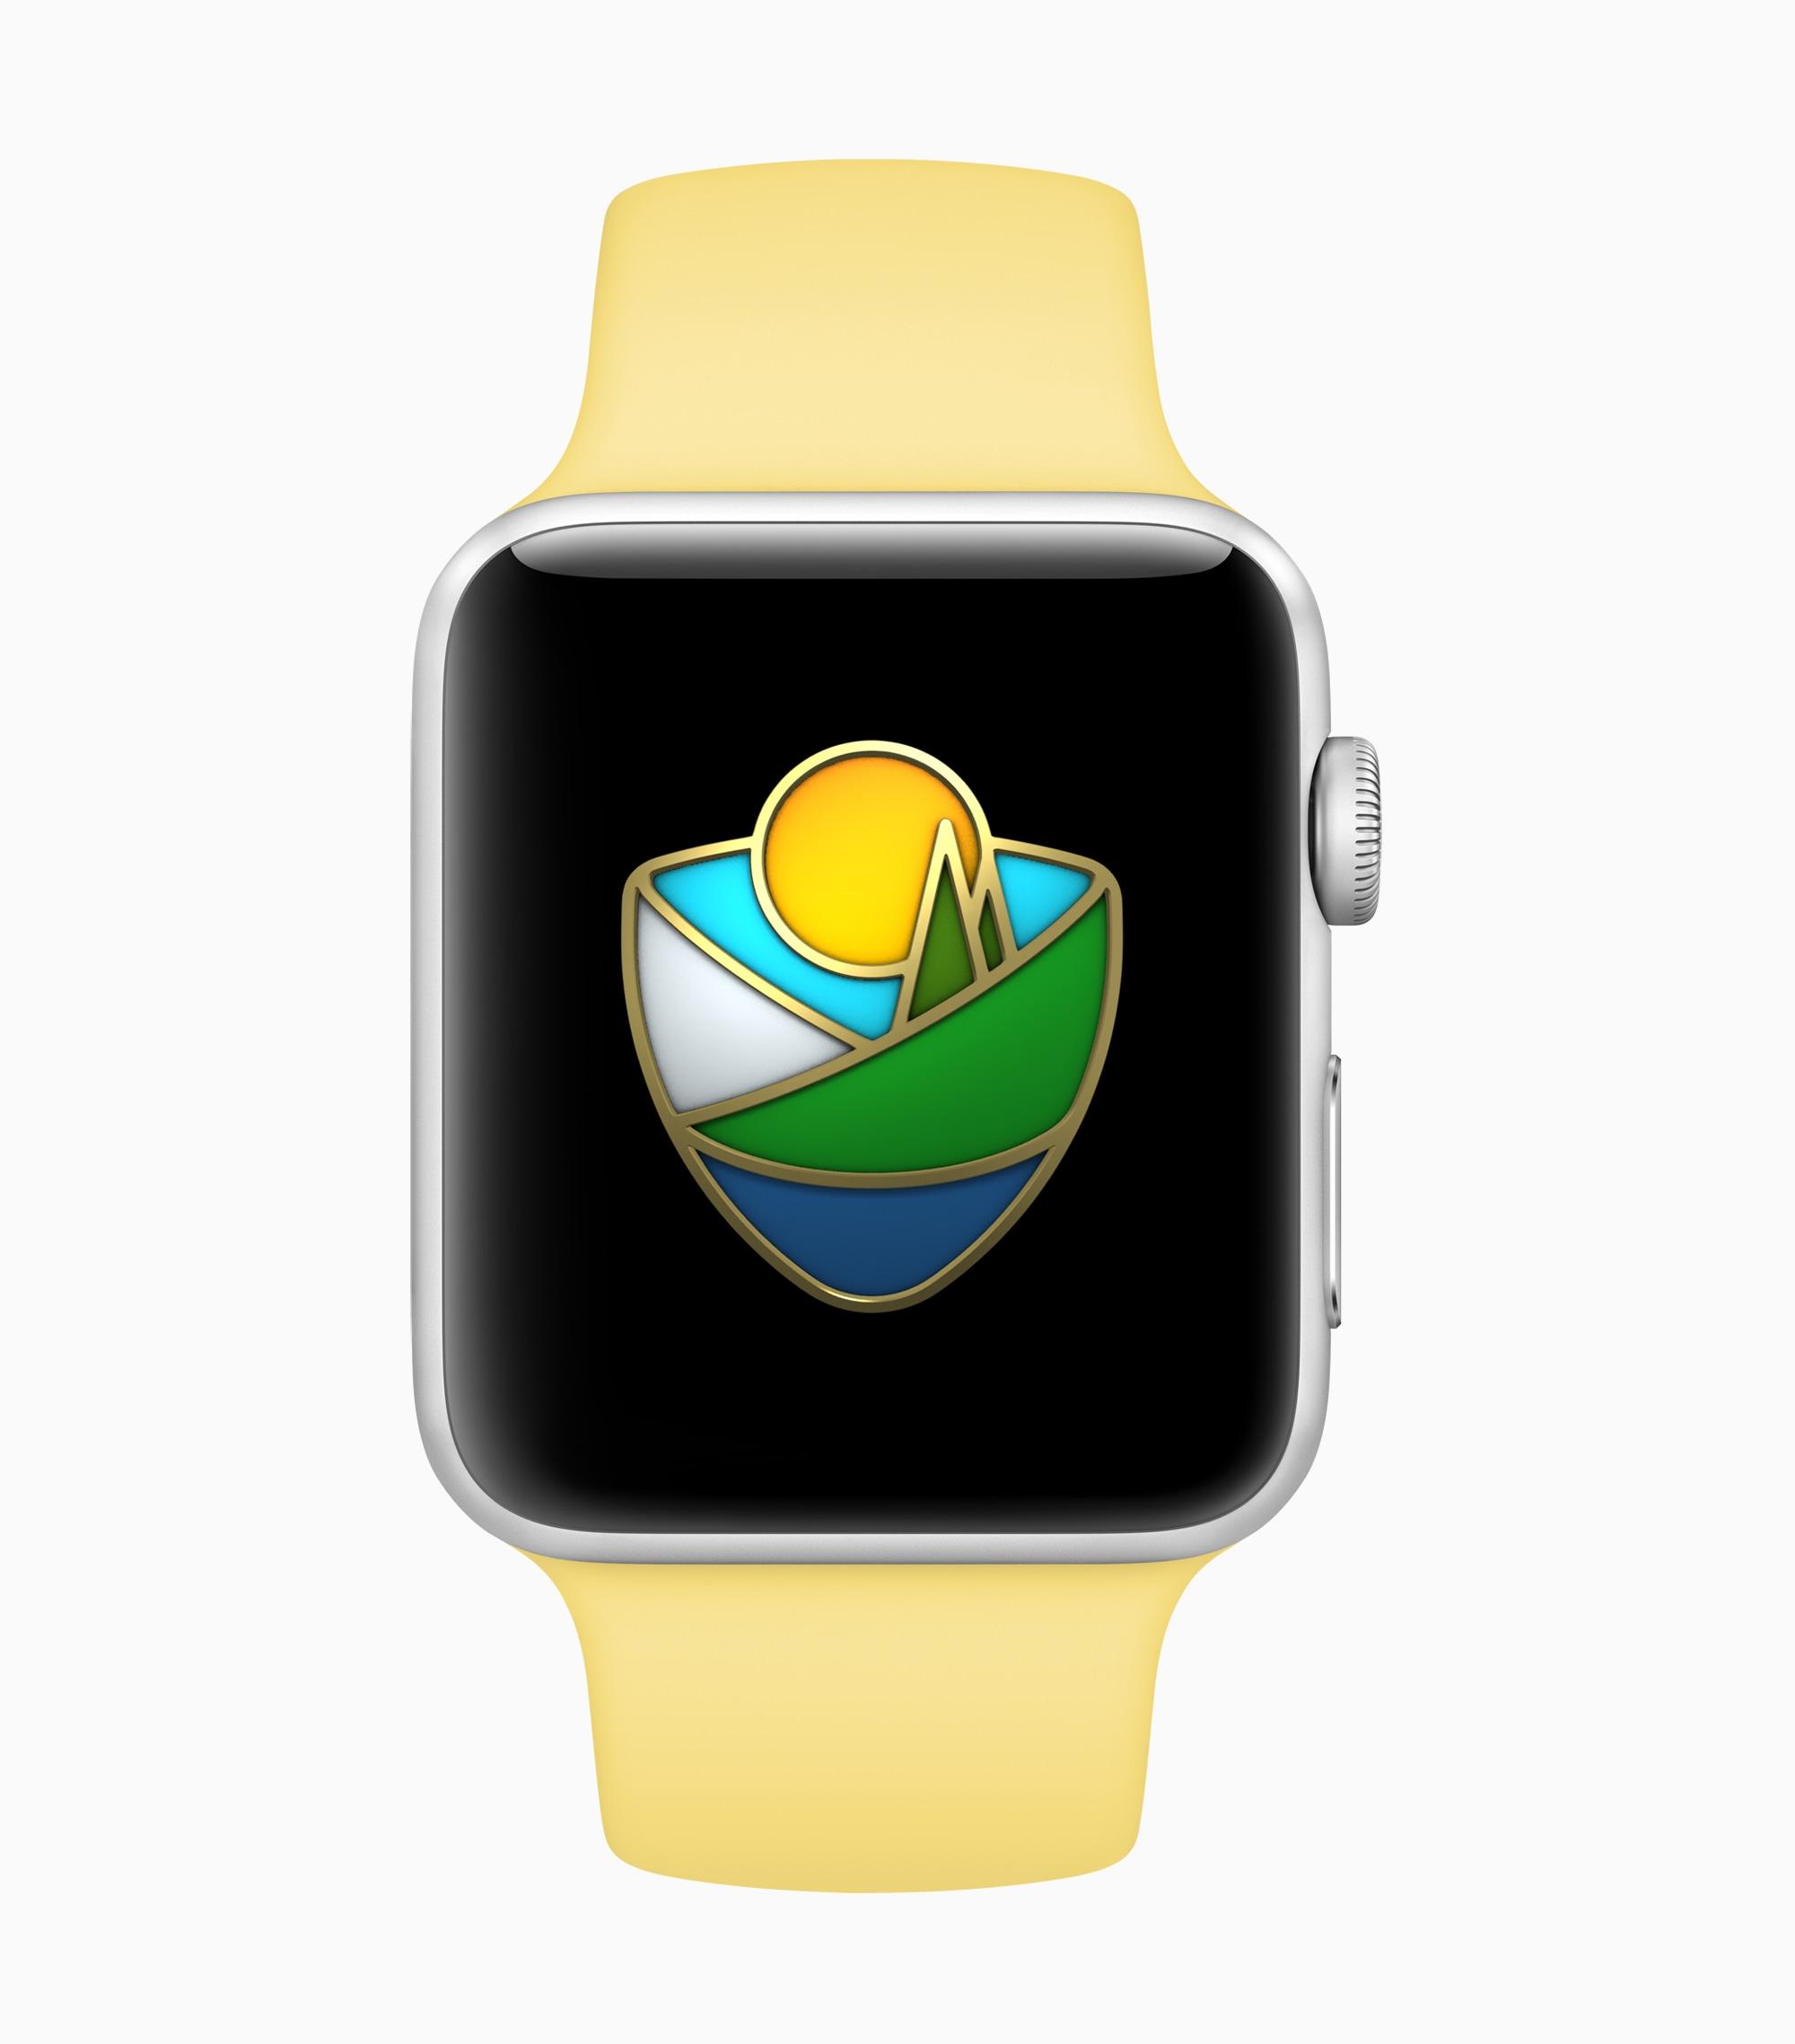 Desafio do Apple Watch de parques nacionais